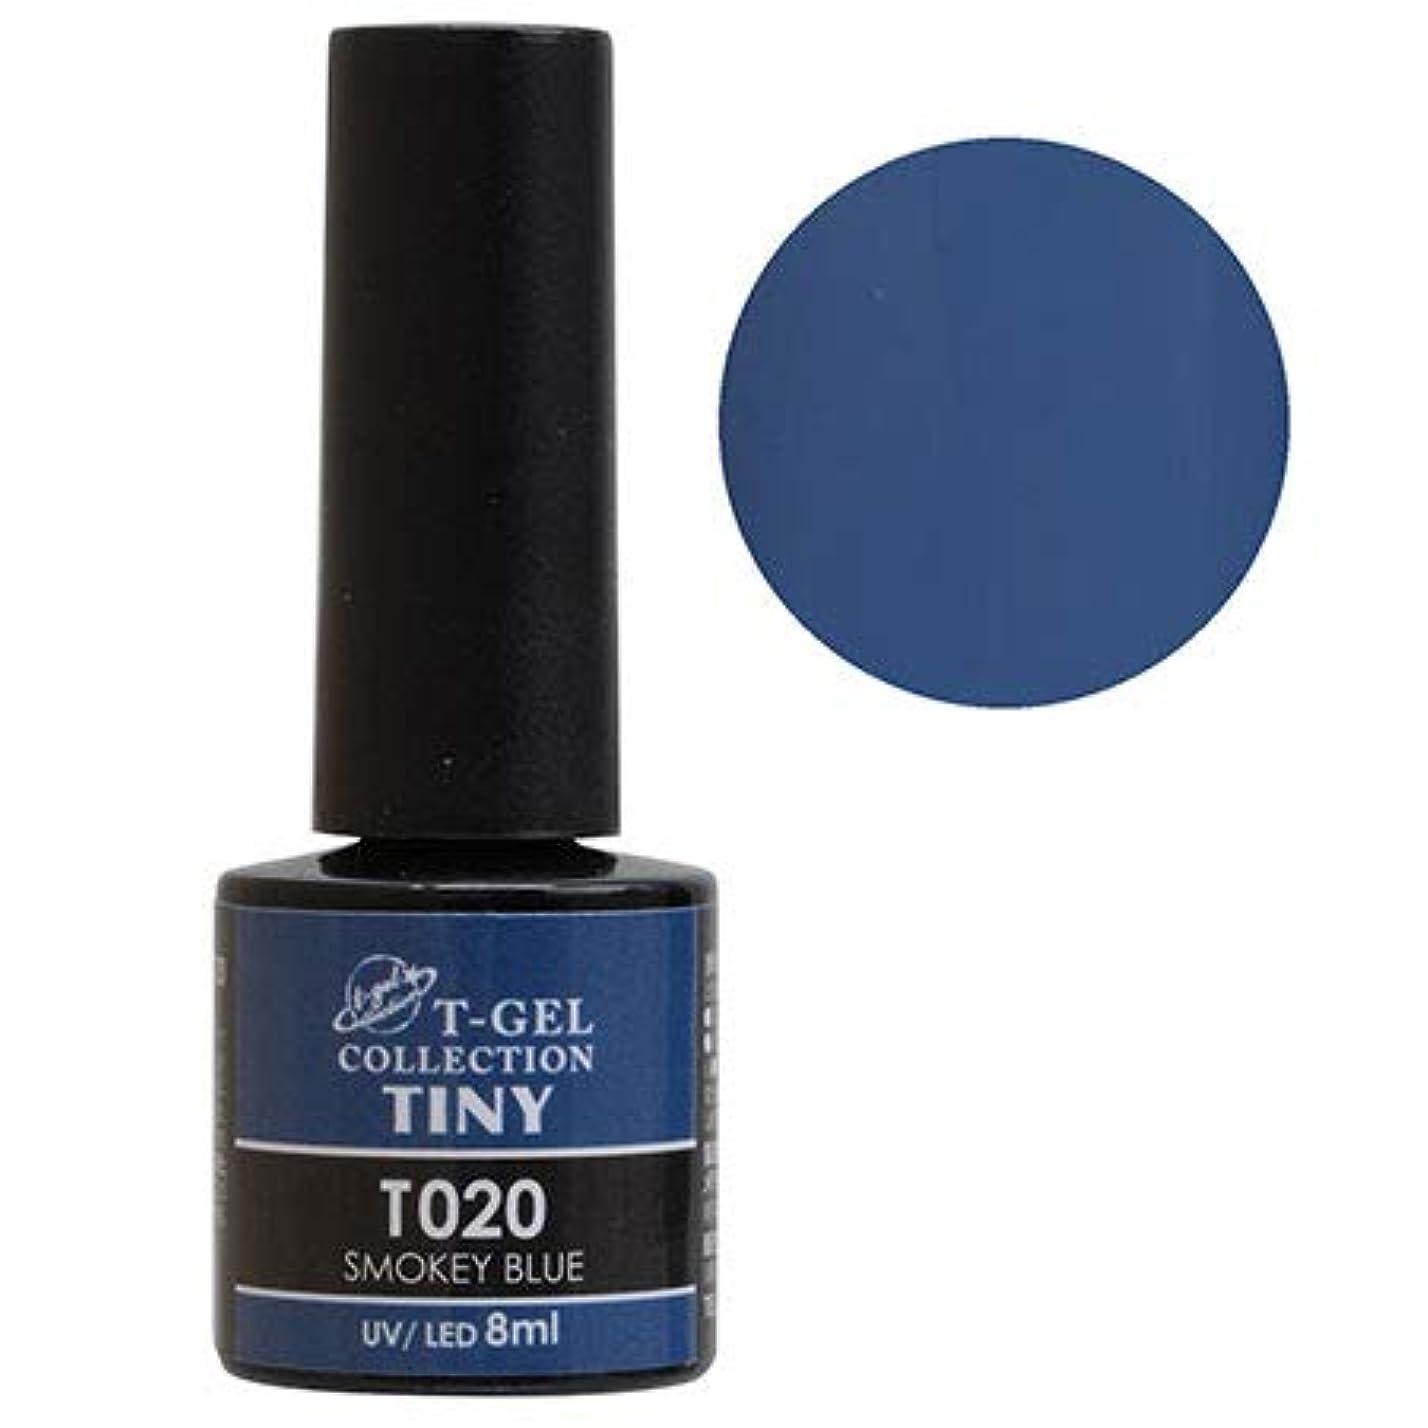 T-GEL COLLECTION TINY T020 スモーキーブルー 8ml